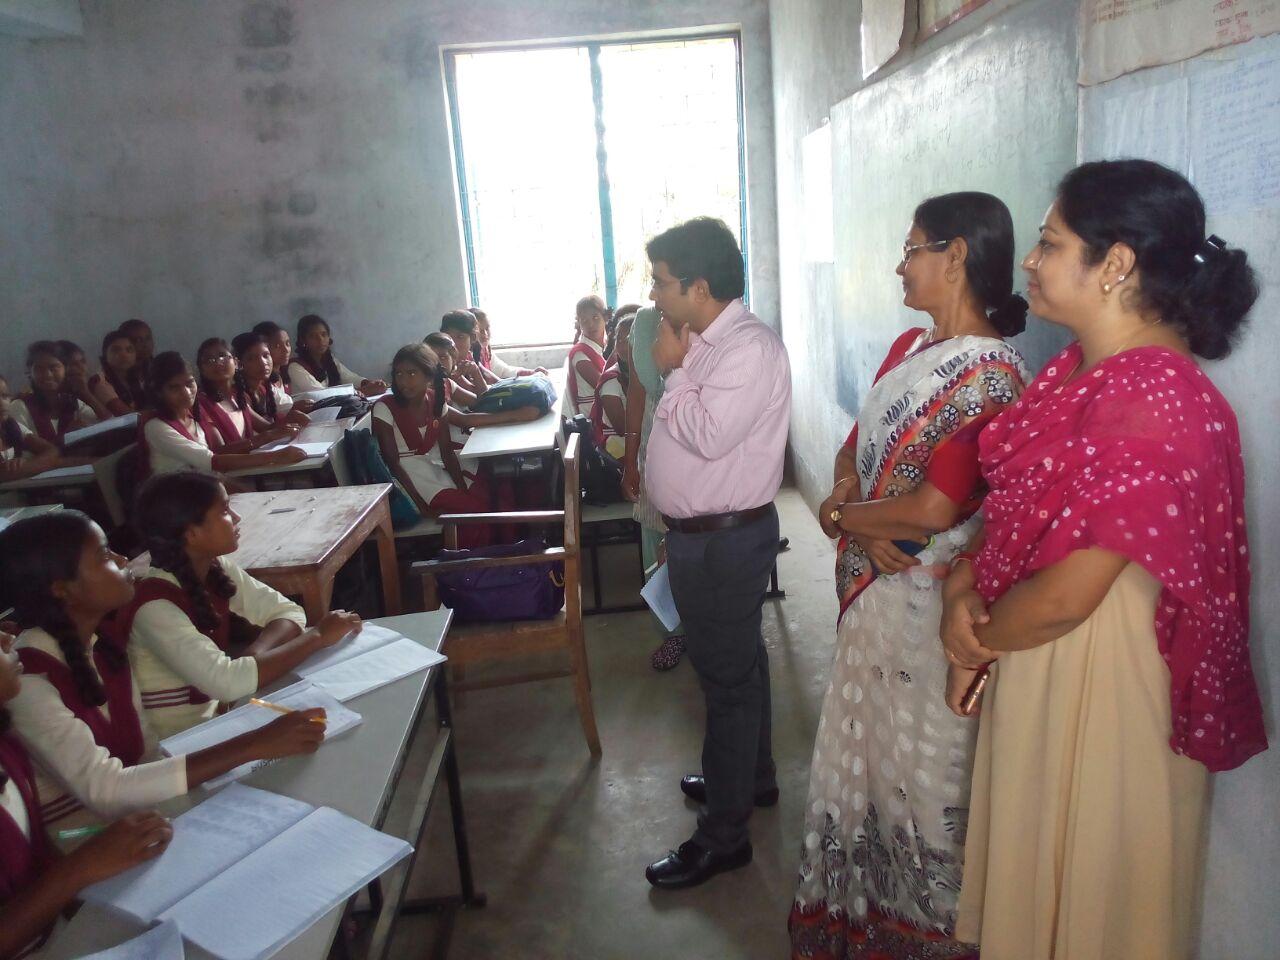 <p>खान सचिव श्री अबुबकर सिद्दीक पी स्कूल चले अभियान को लेकर चक्रधरपुर के विभिन्न विद्यालय का निरीक्षण कर रहे है। इस दौरान खान सचिव बच्चों से सीधा संवाद कर पढ़ाई और राजनेताओं के उसके&#8230;